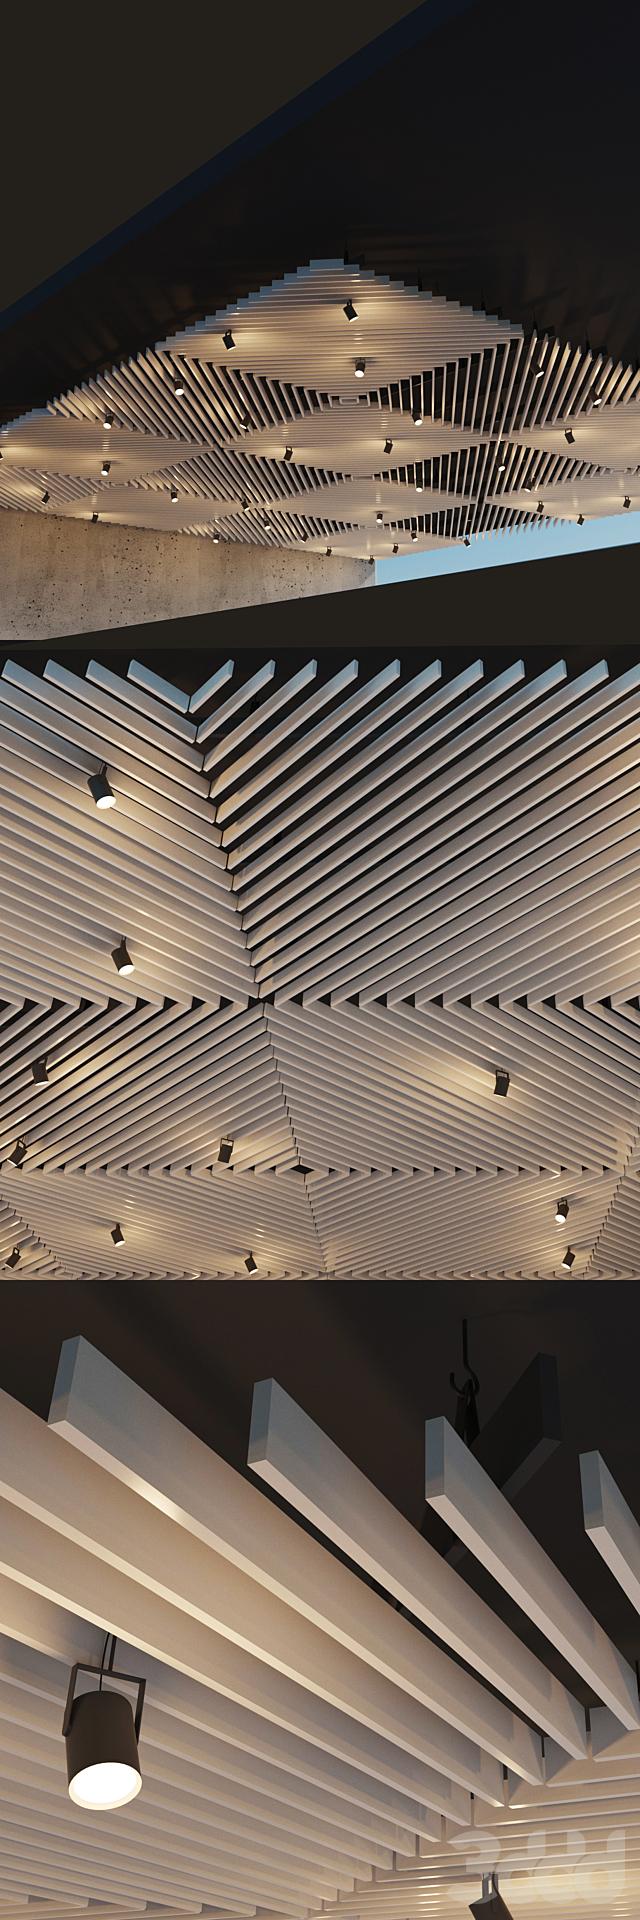 Подвесной потолок реечный. 21